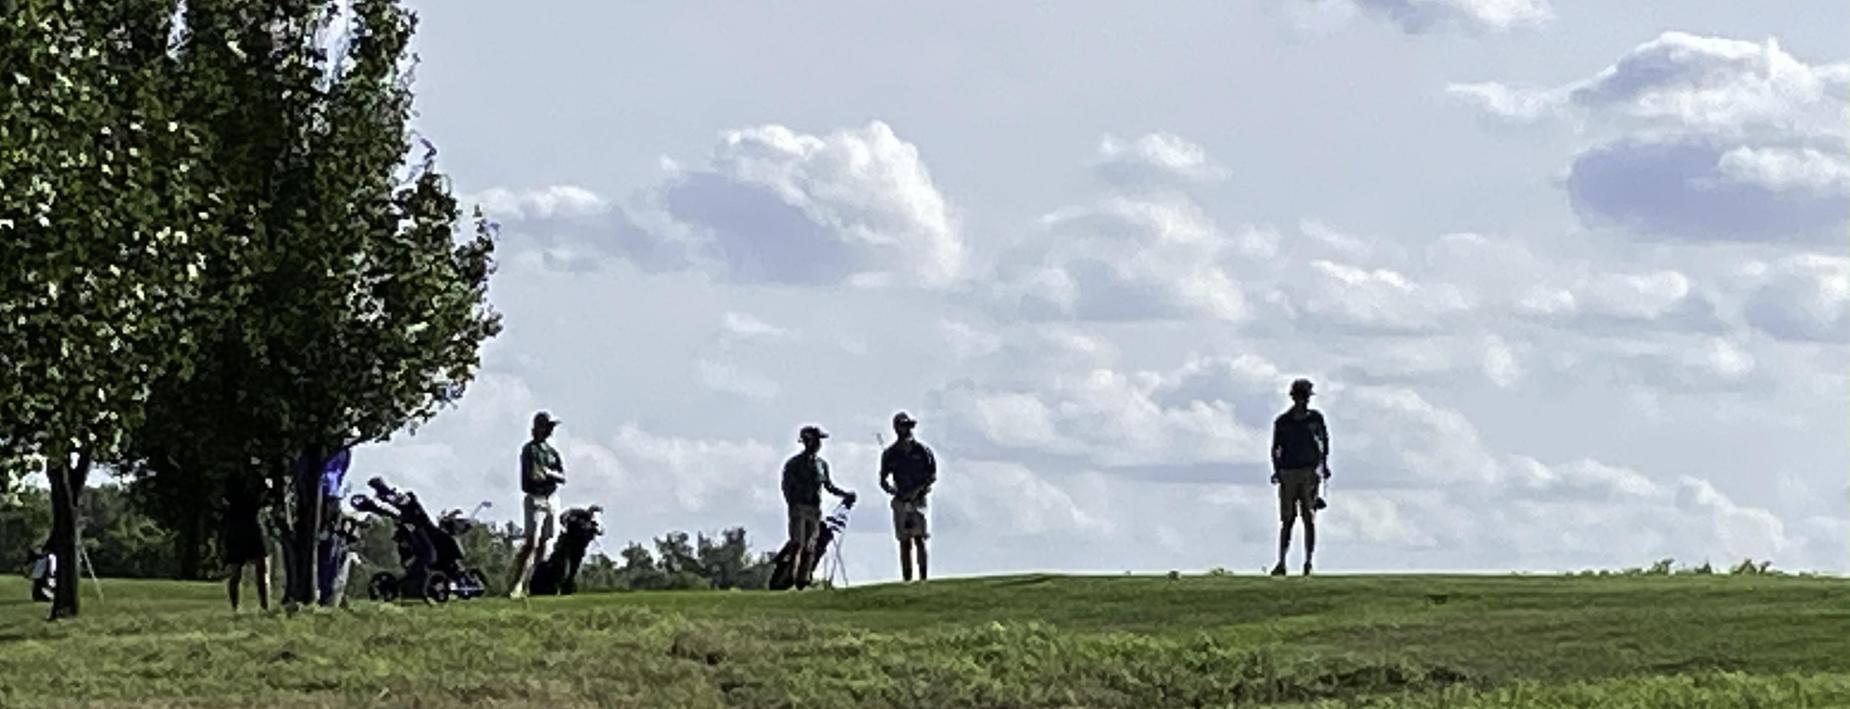 golfing at Cinder Ridge